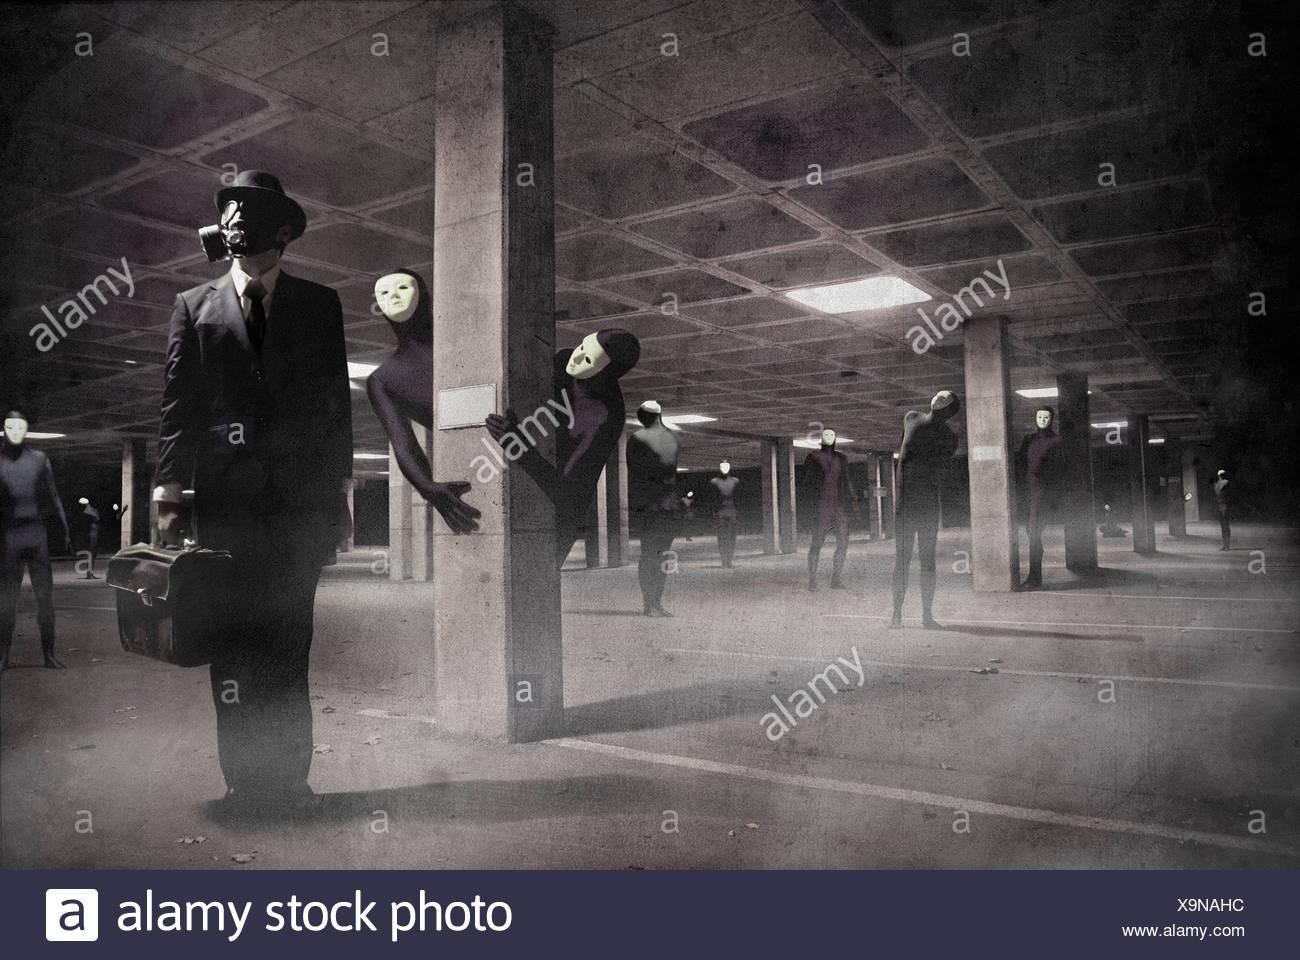 Immagine concettuale dell uomo d affari indossando maschera a gas valigetta di contenimento nel parcheggio sotterraneo con figure mascherato Foto Stock